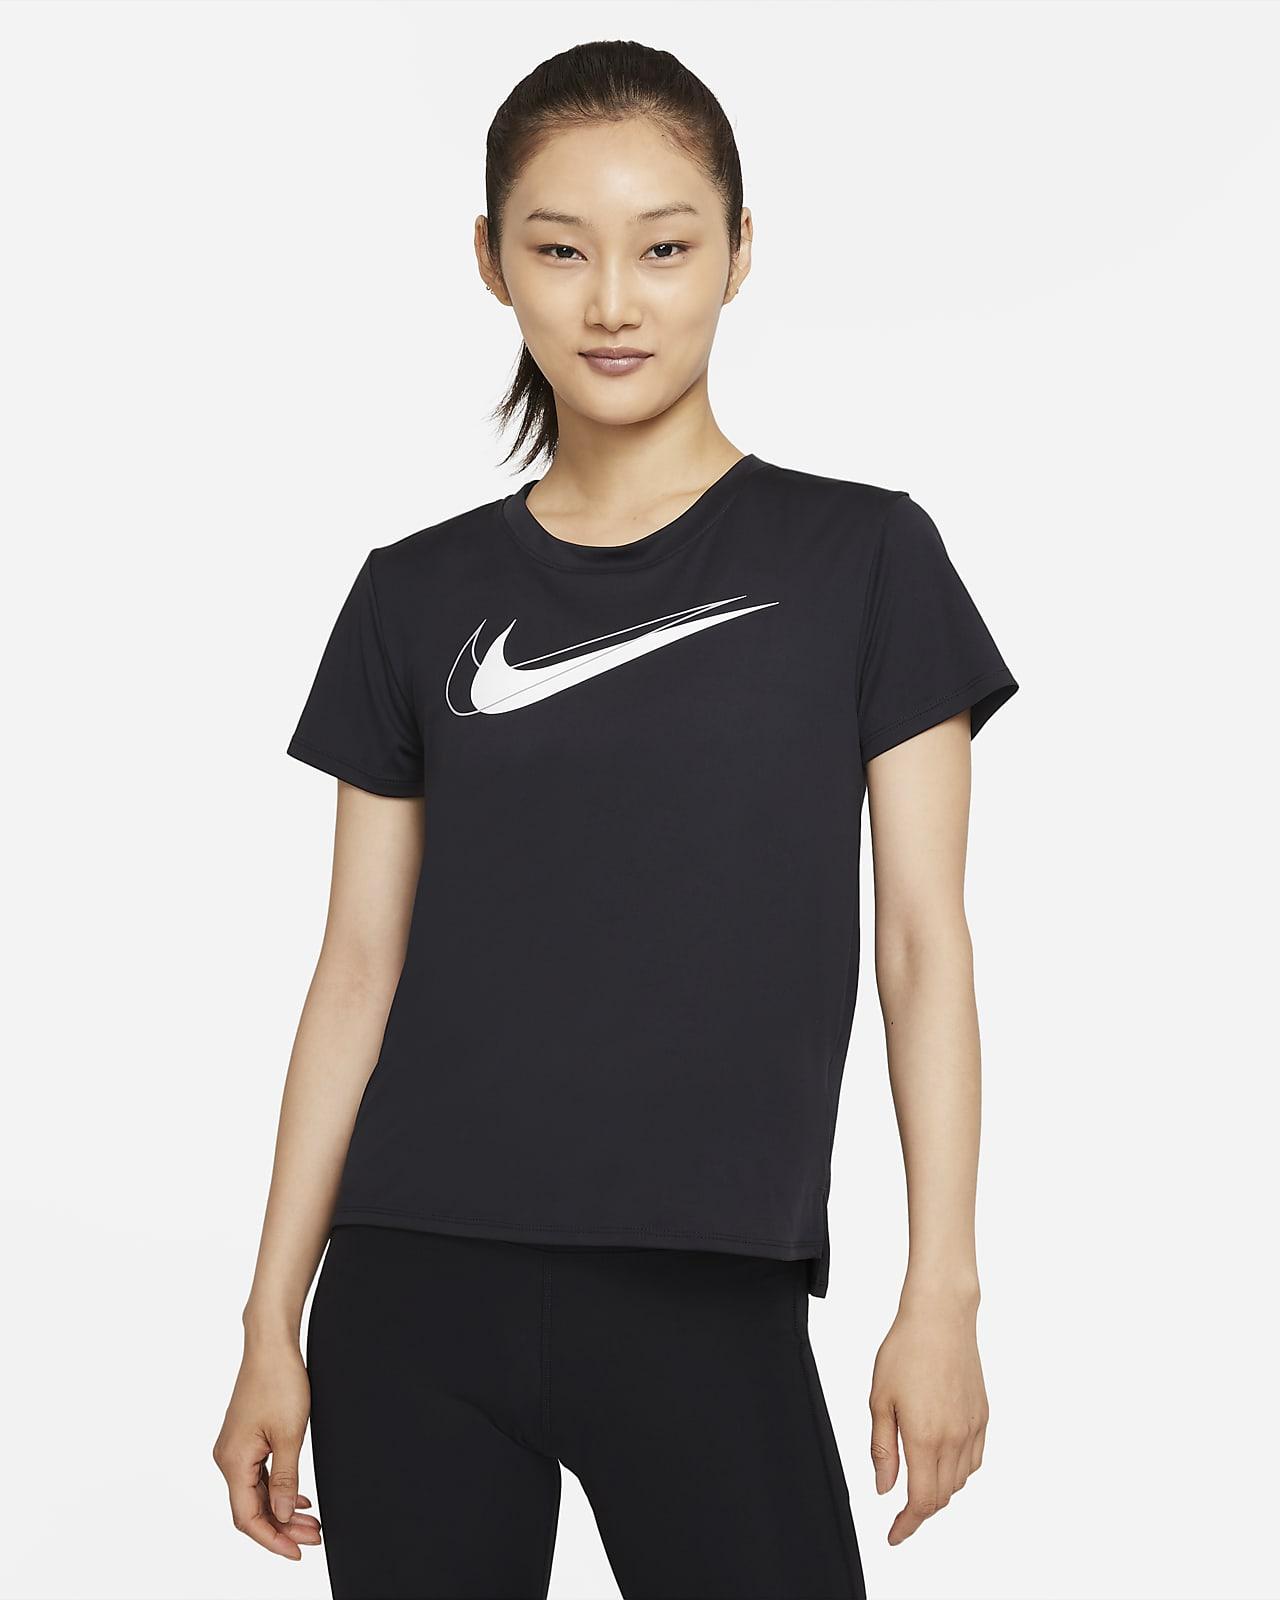 เสื้อวิ่งผู้หญิง Nike Dri-FIT Swoosh Run